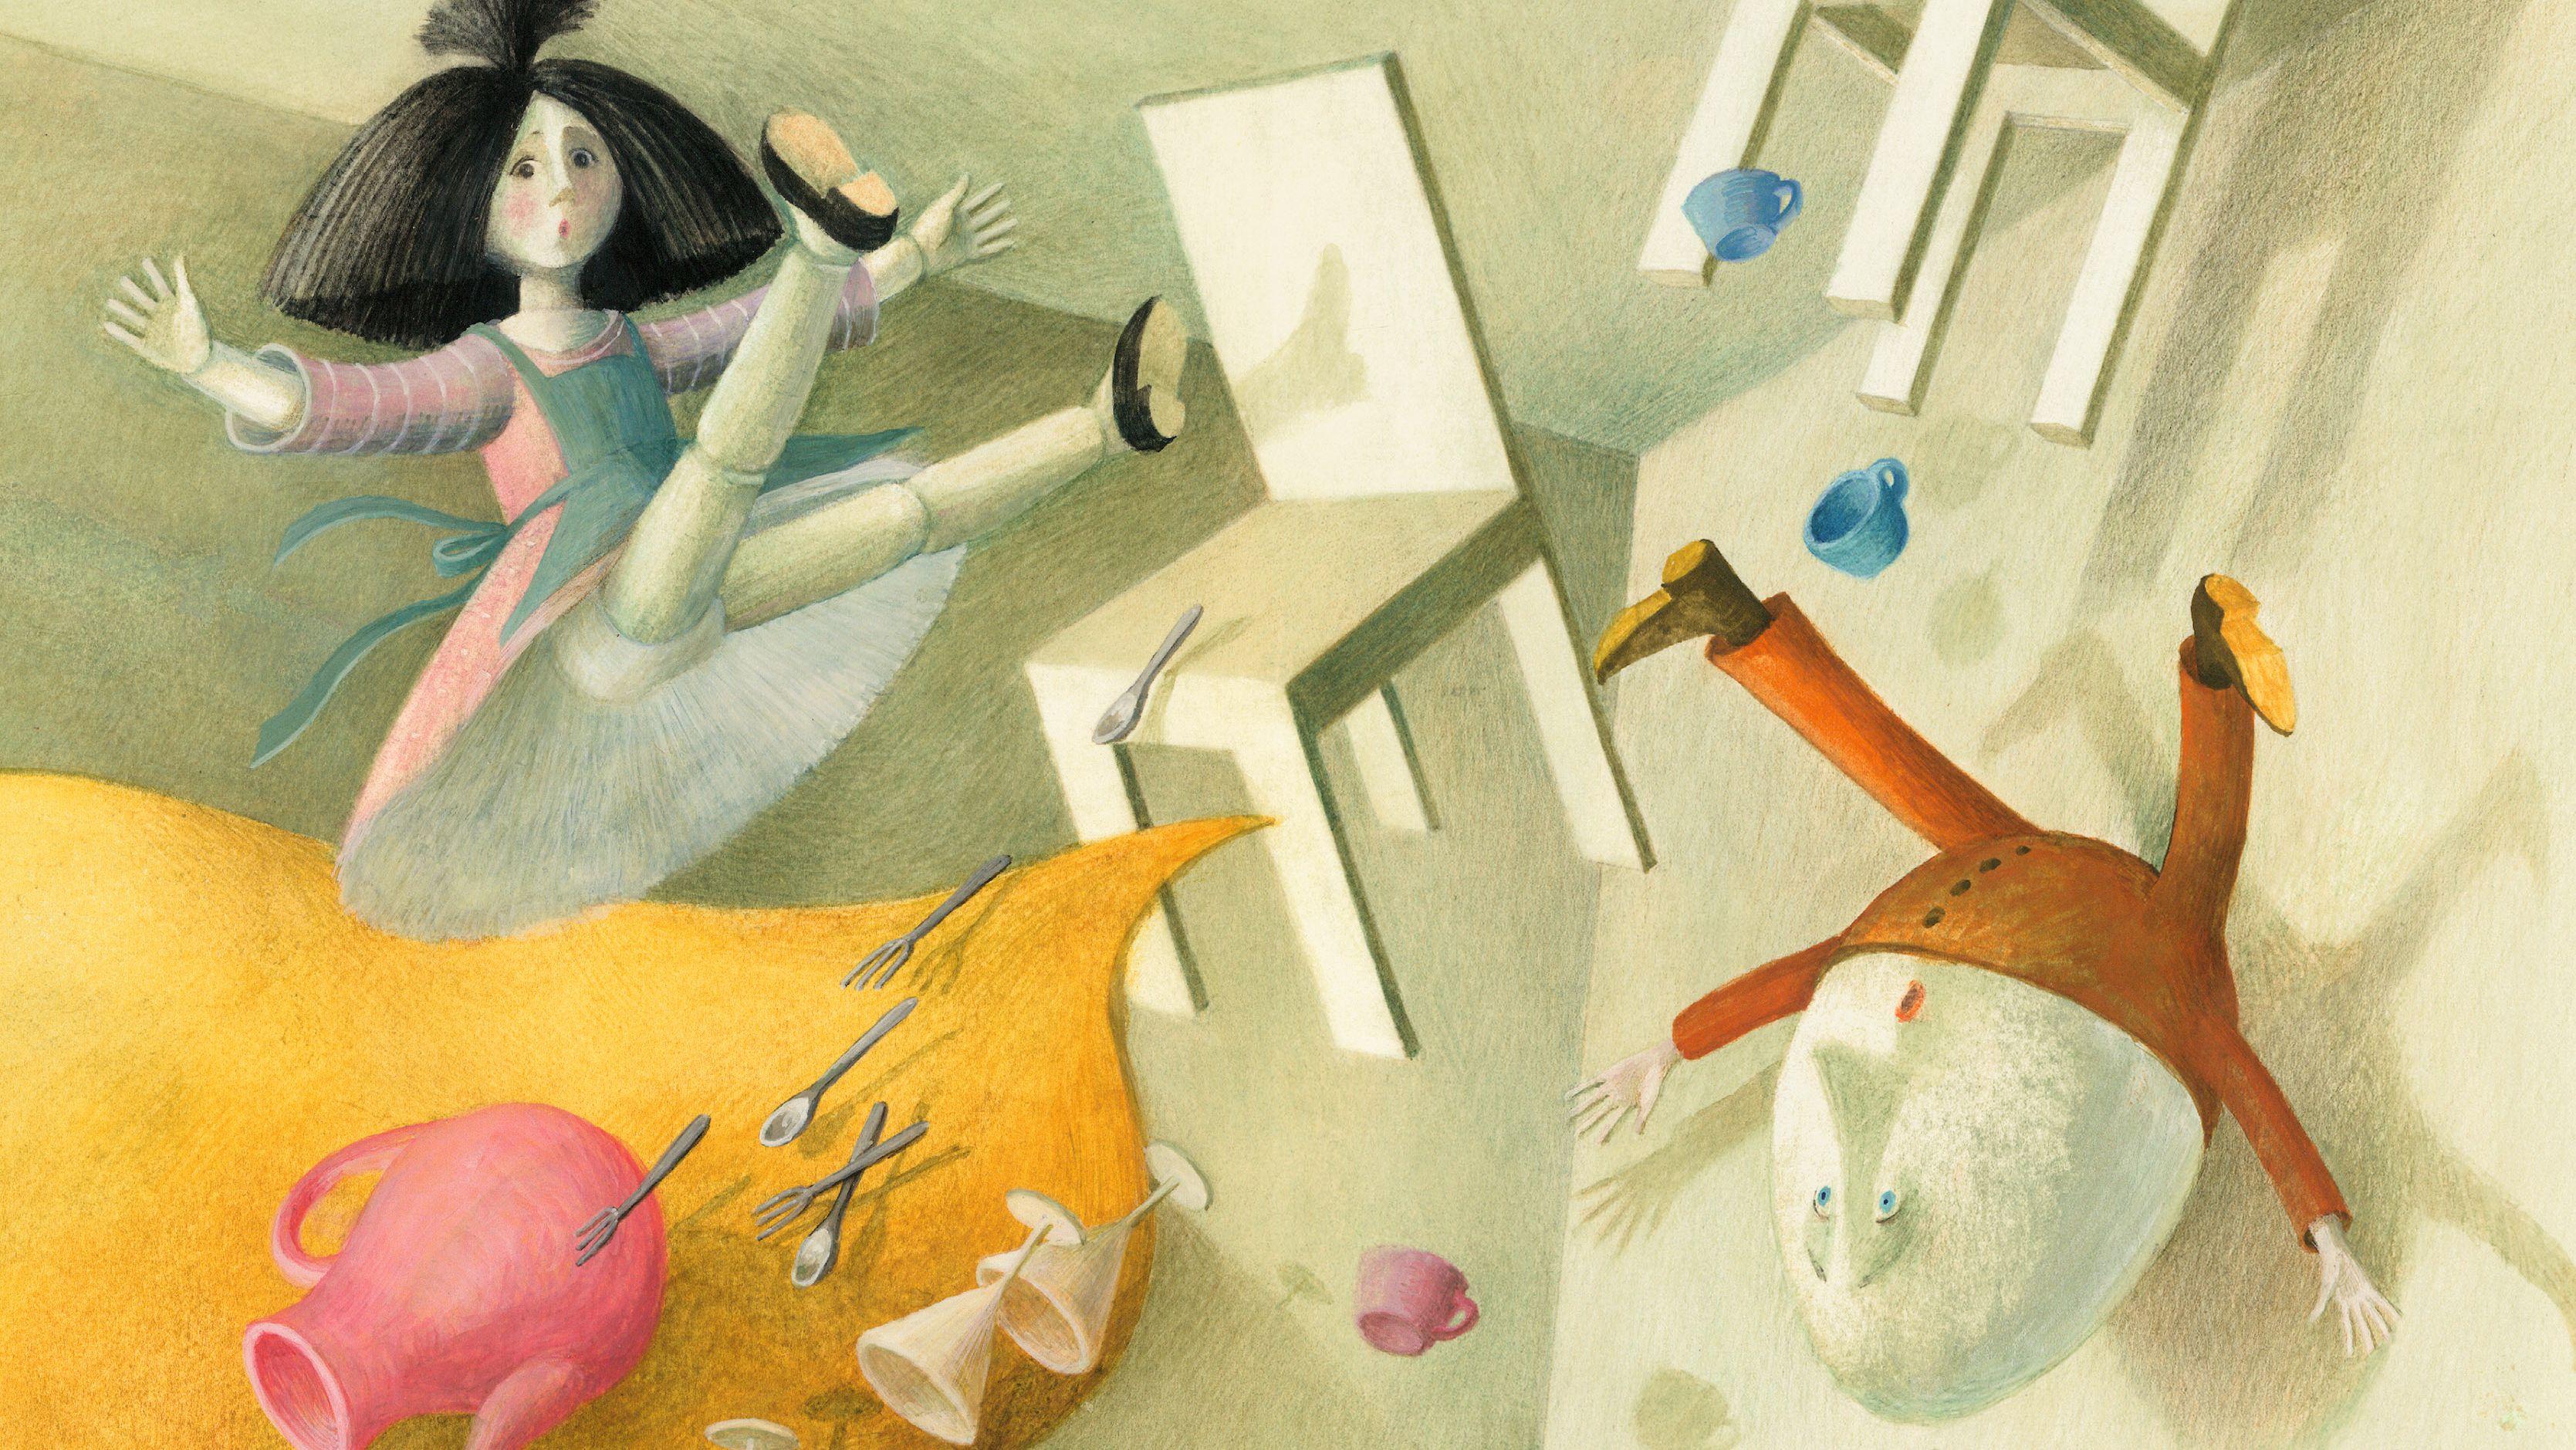 Ein Sturm wirbelt Tisch, Stühle, Geschirr und Besteck durcheinander – auch Lupinchen und Mister Humpty Dumpty fliegen durch die Luft.